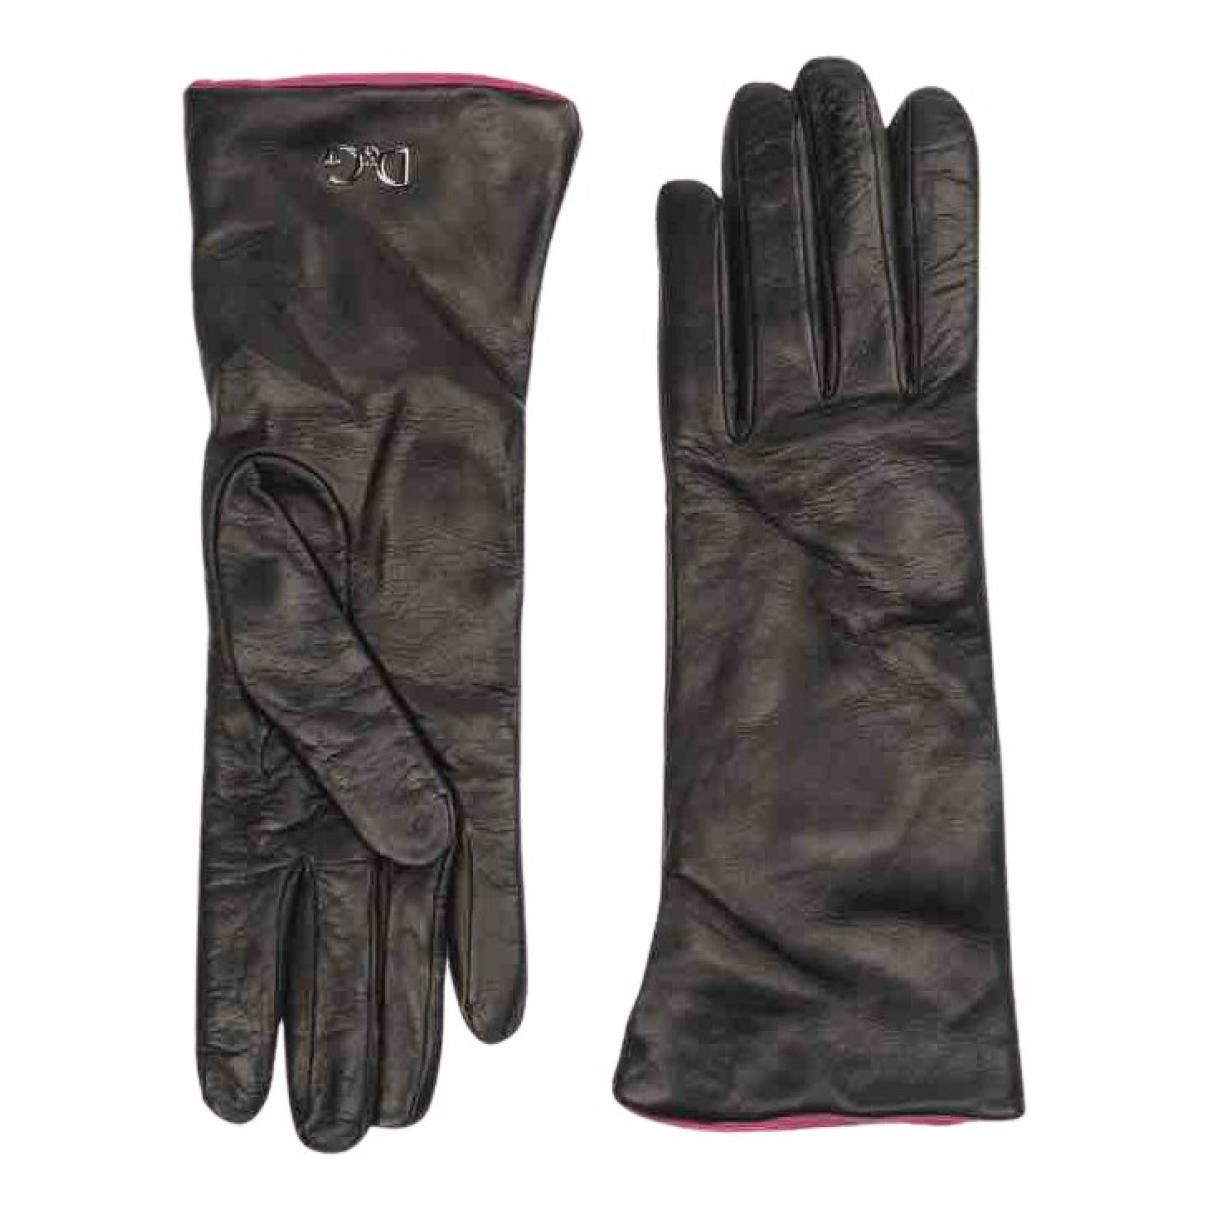 D&g \N Handschuhe in  Schwarz Leder